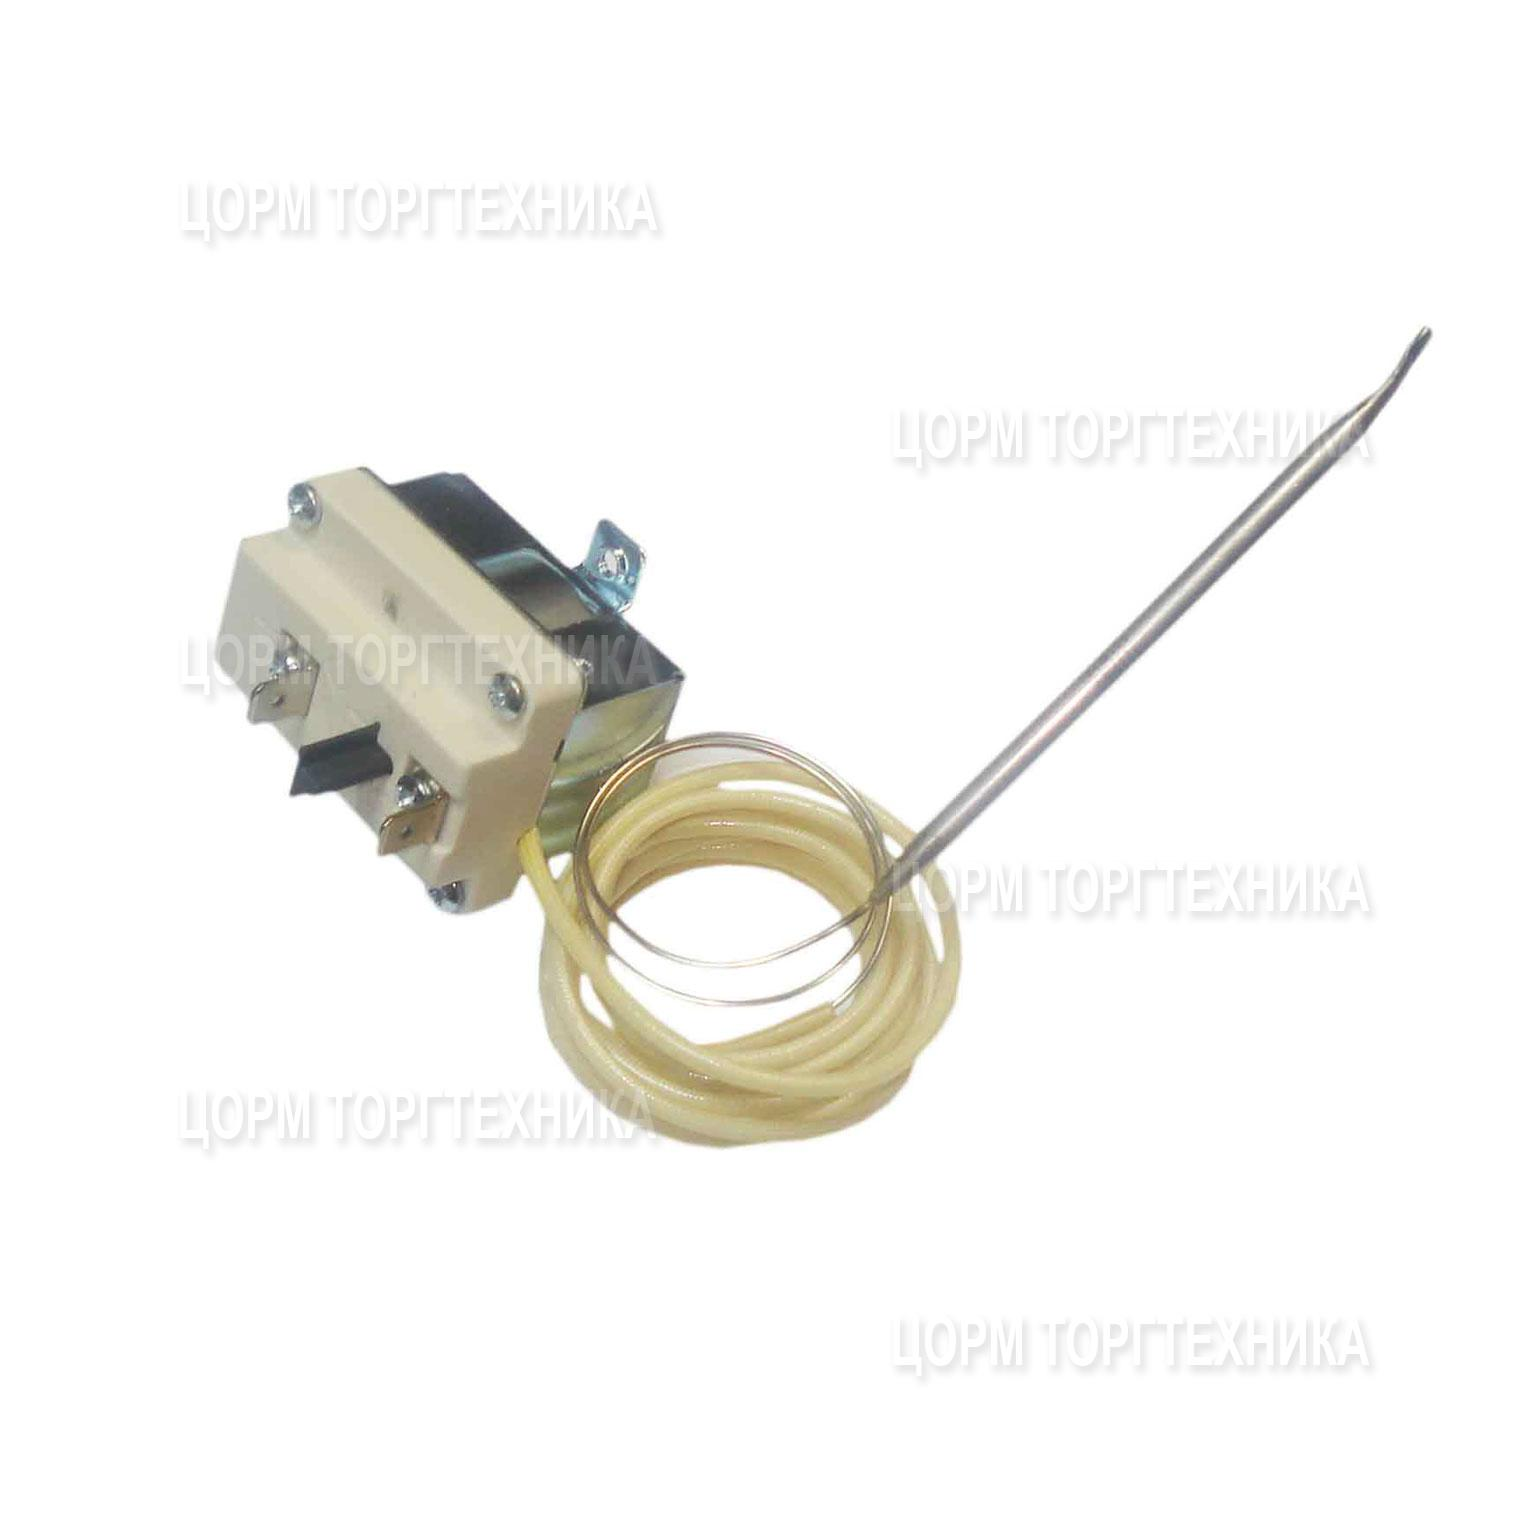 Термоограничитель HU 5279-0-003 СЭЧ